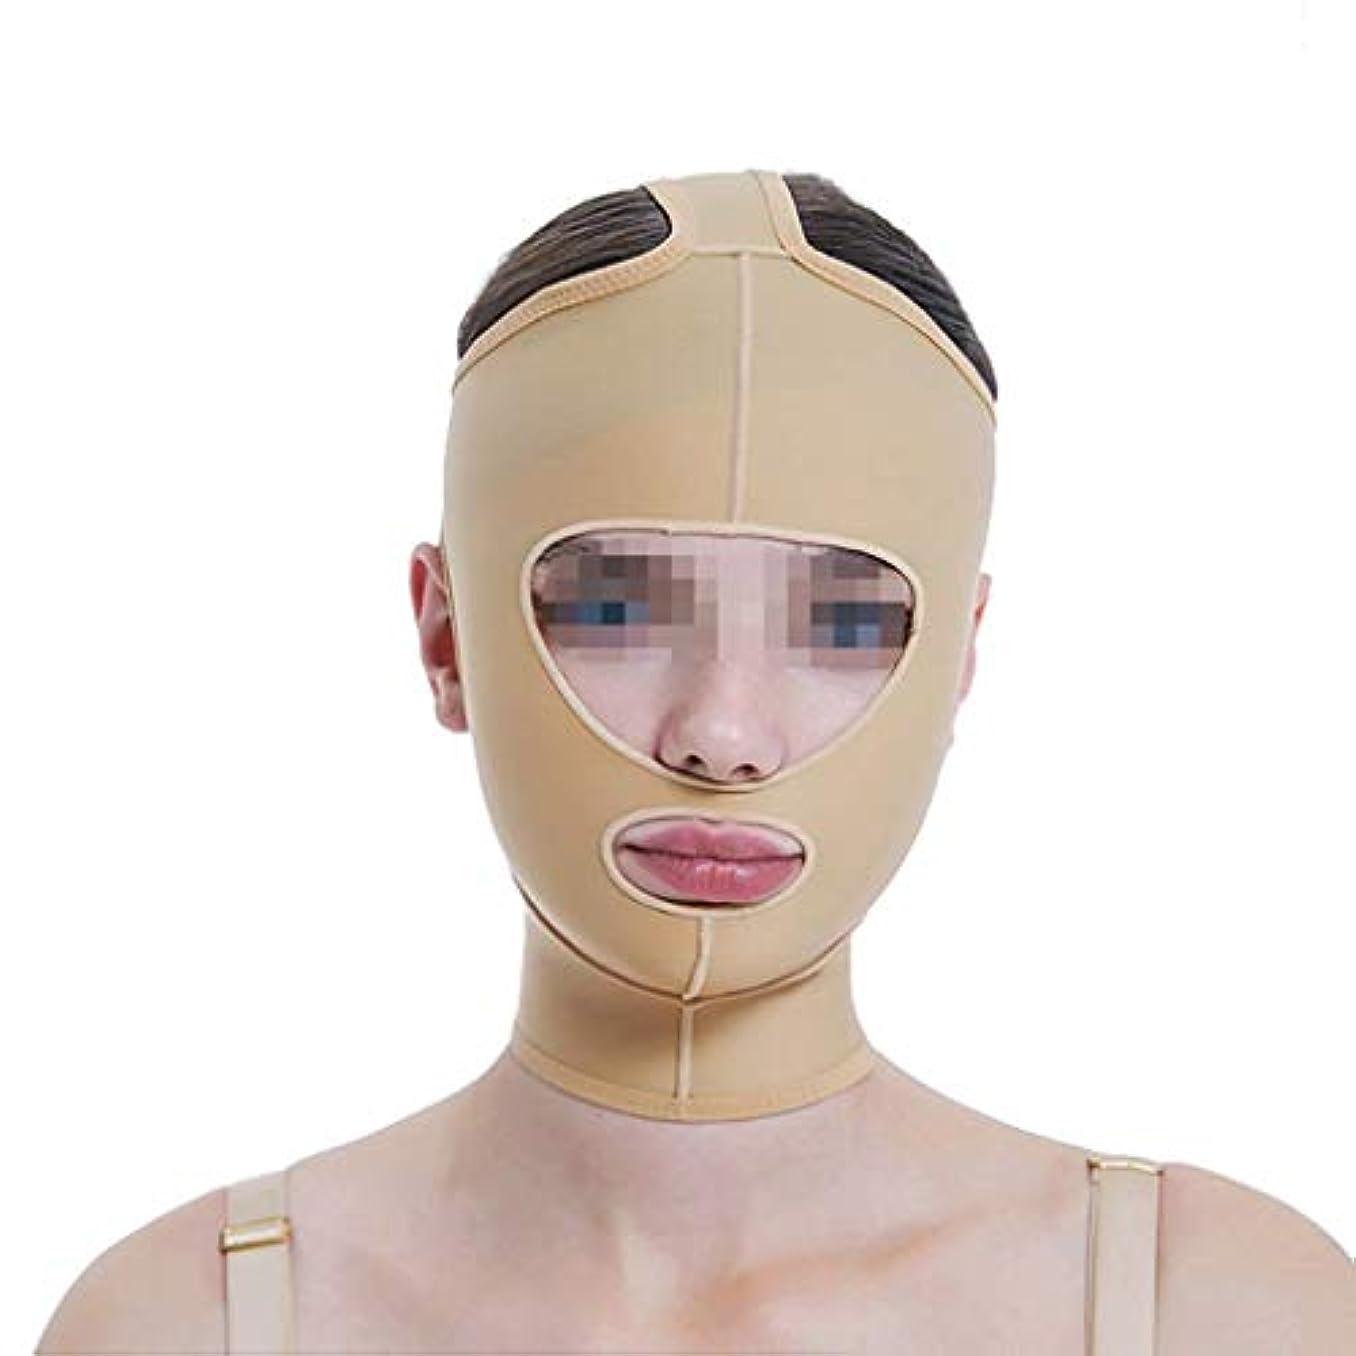 新聞お母さんファイバフェイスリフトマスク、ラインカービングフェイスエラスティックセットシンダブルチンVフェイスビームフェイスマルチサイズオプション(サイズ:M)